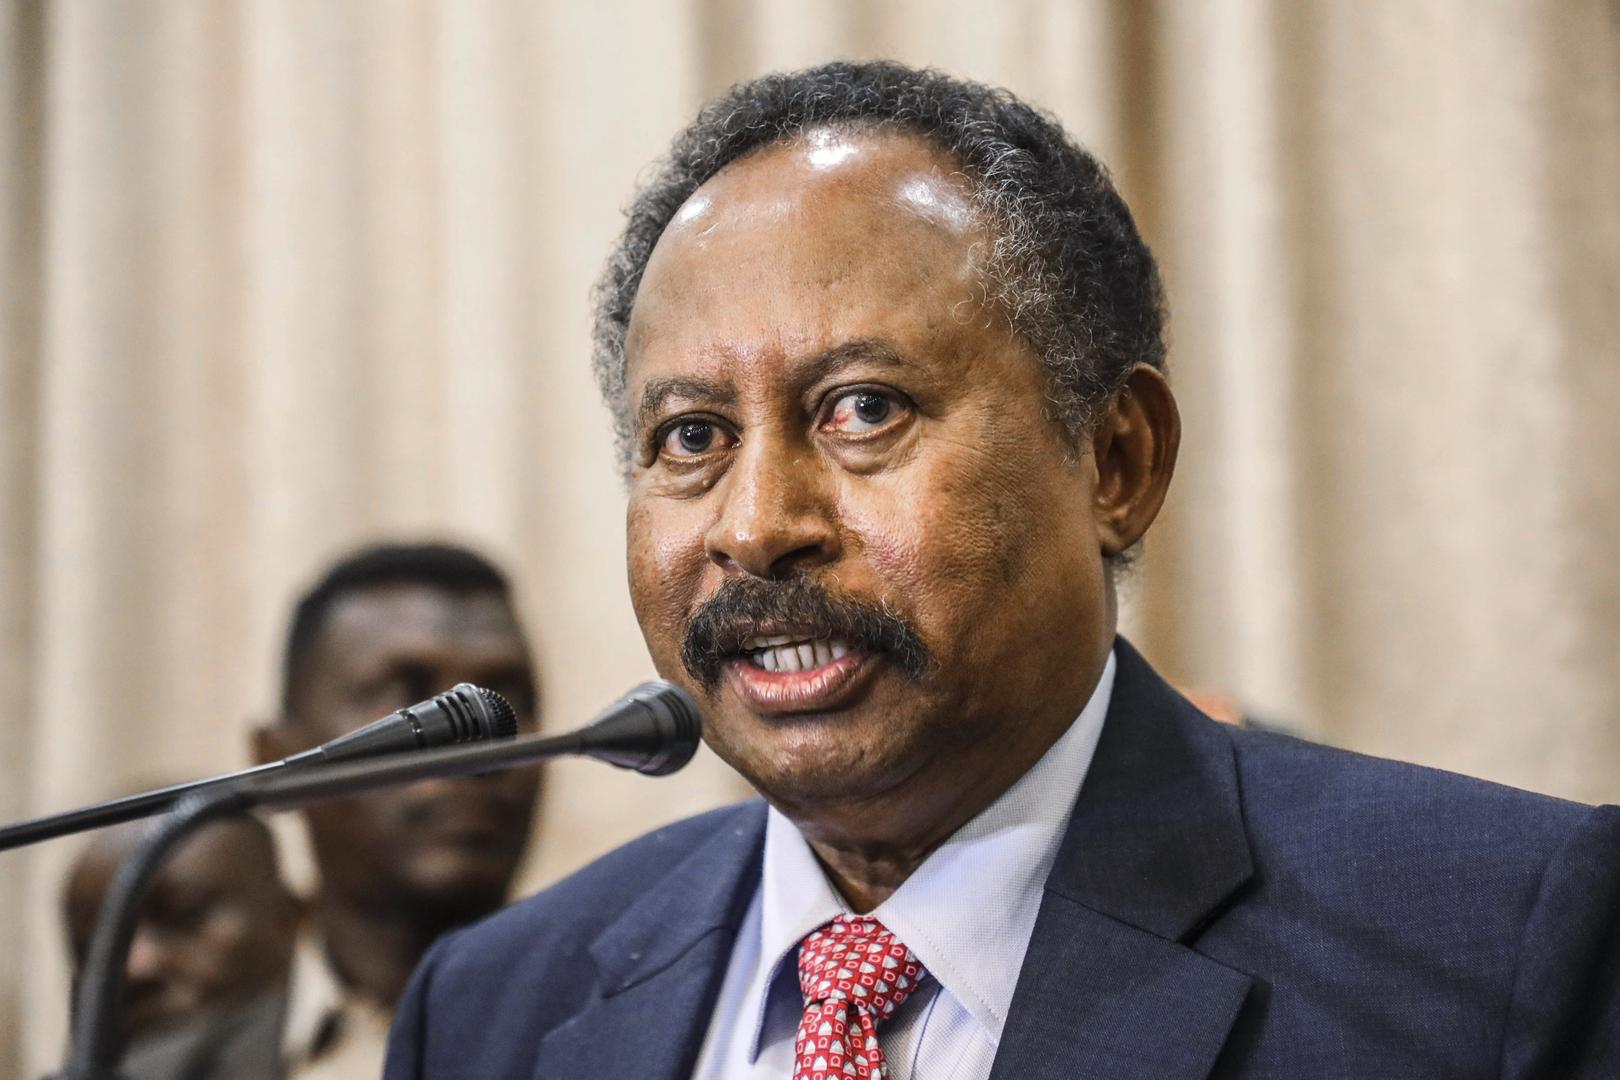 بيان أمريكي أوروبي: حمدوك رئيس حكومة السودان ونطلب لقاءه